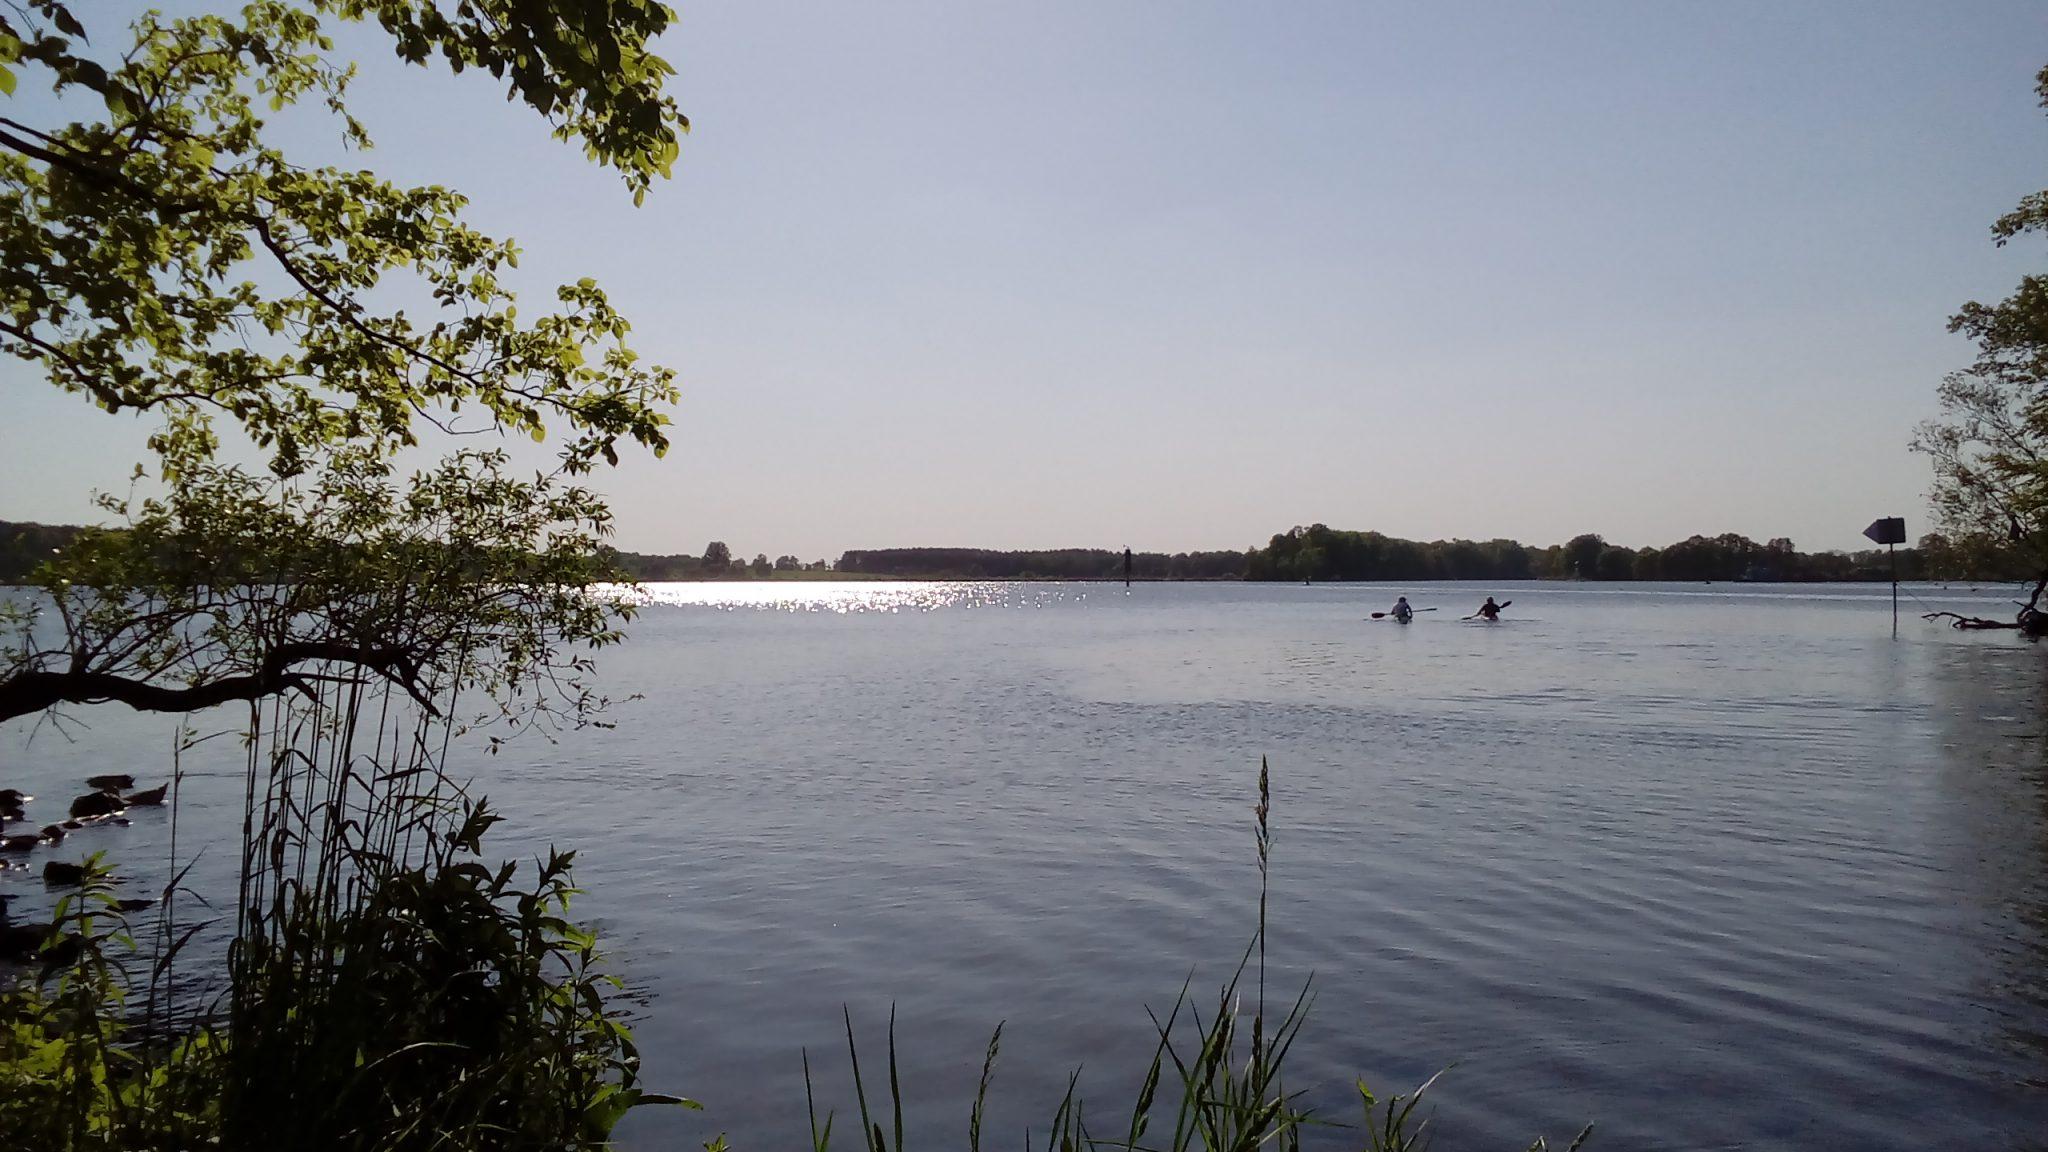 https://kayak24.de/wp-content/uploads/2017/02/kajaktouren_potsdam_töplitz_paddeltour_2.jpg